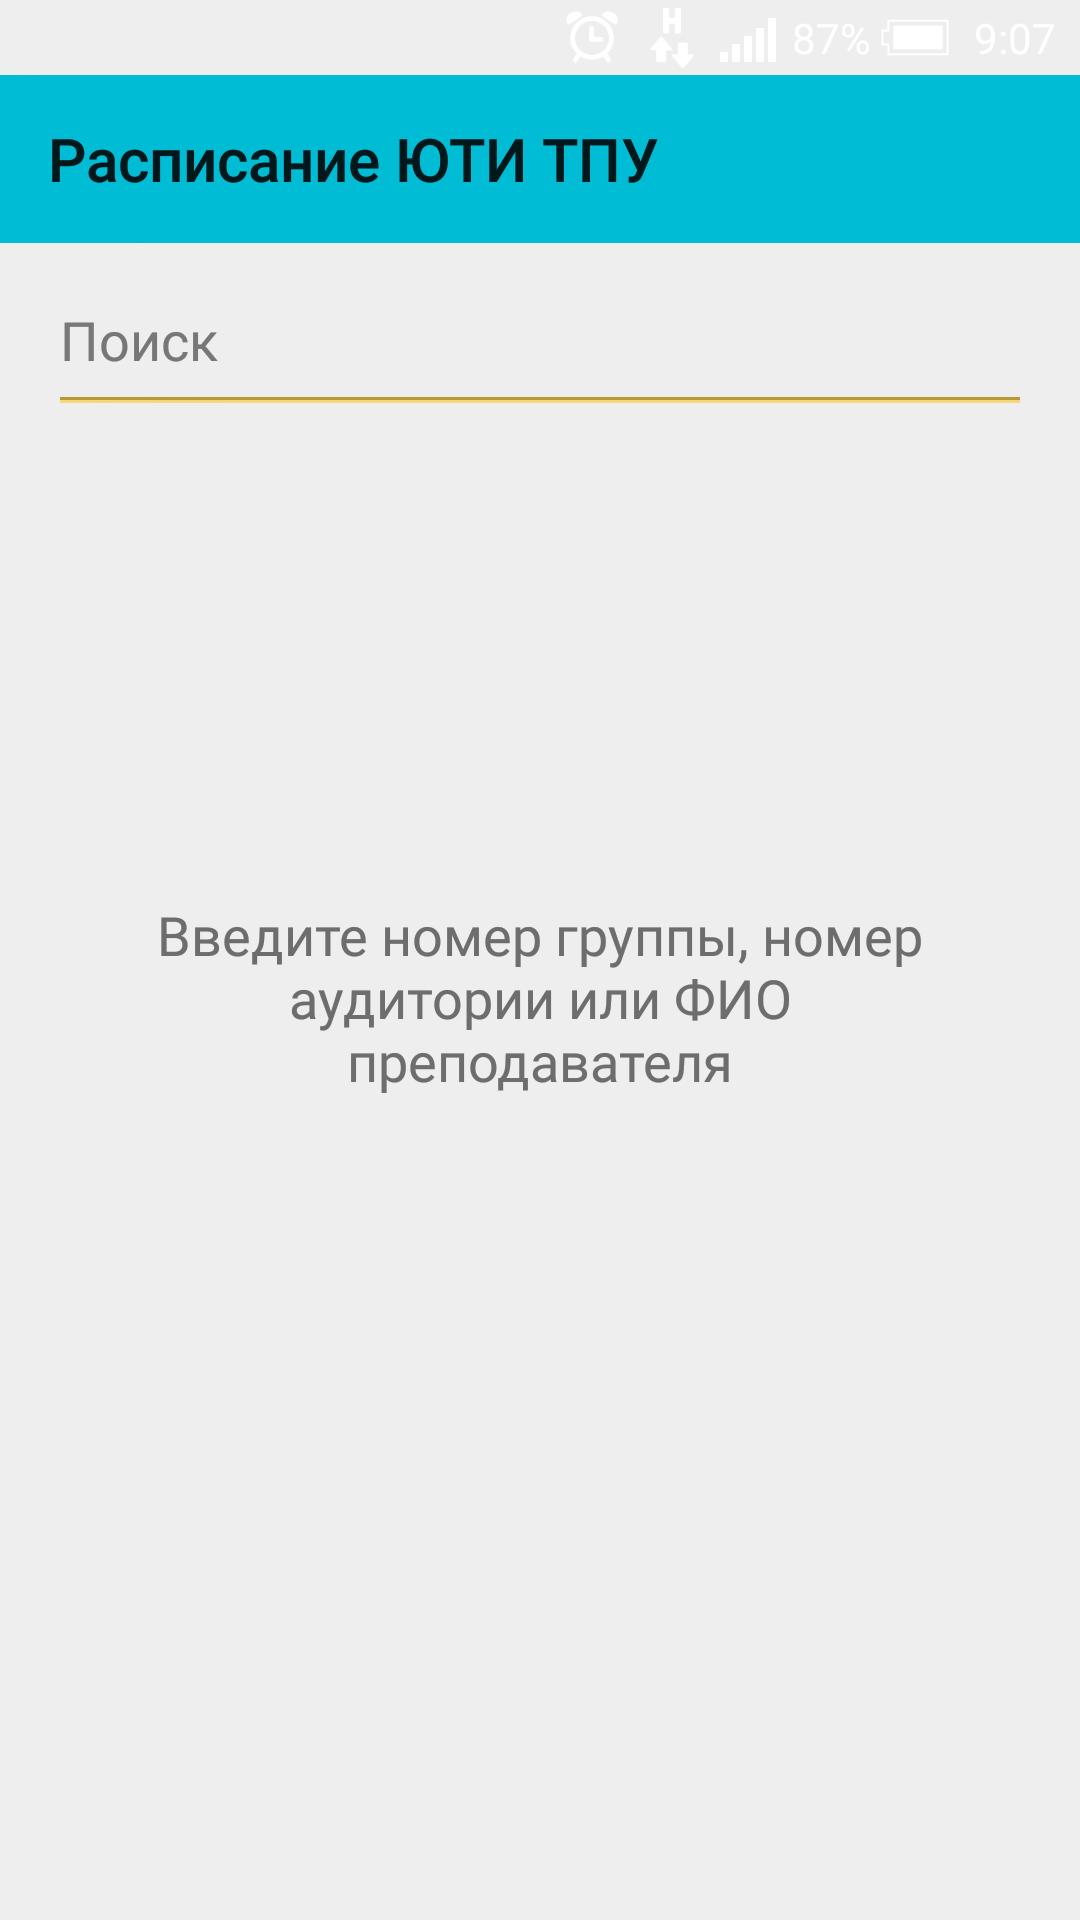 Мобильное приложение «Расписание ЮТИ ТПУ»